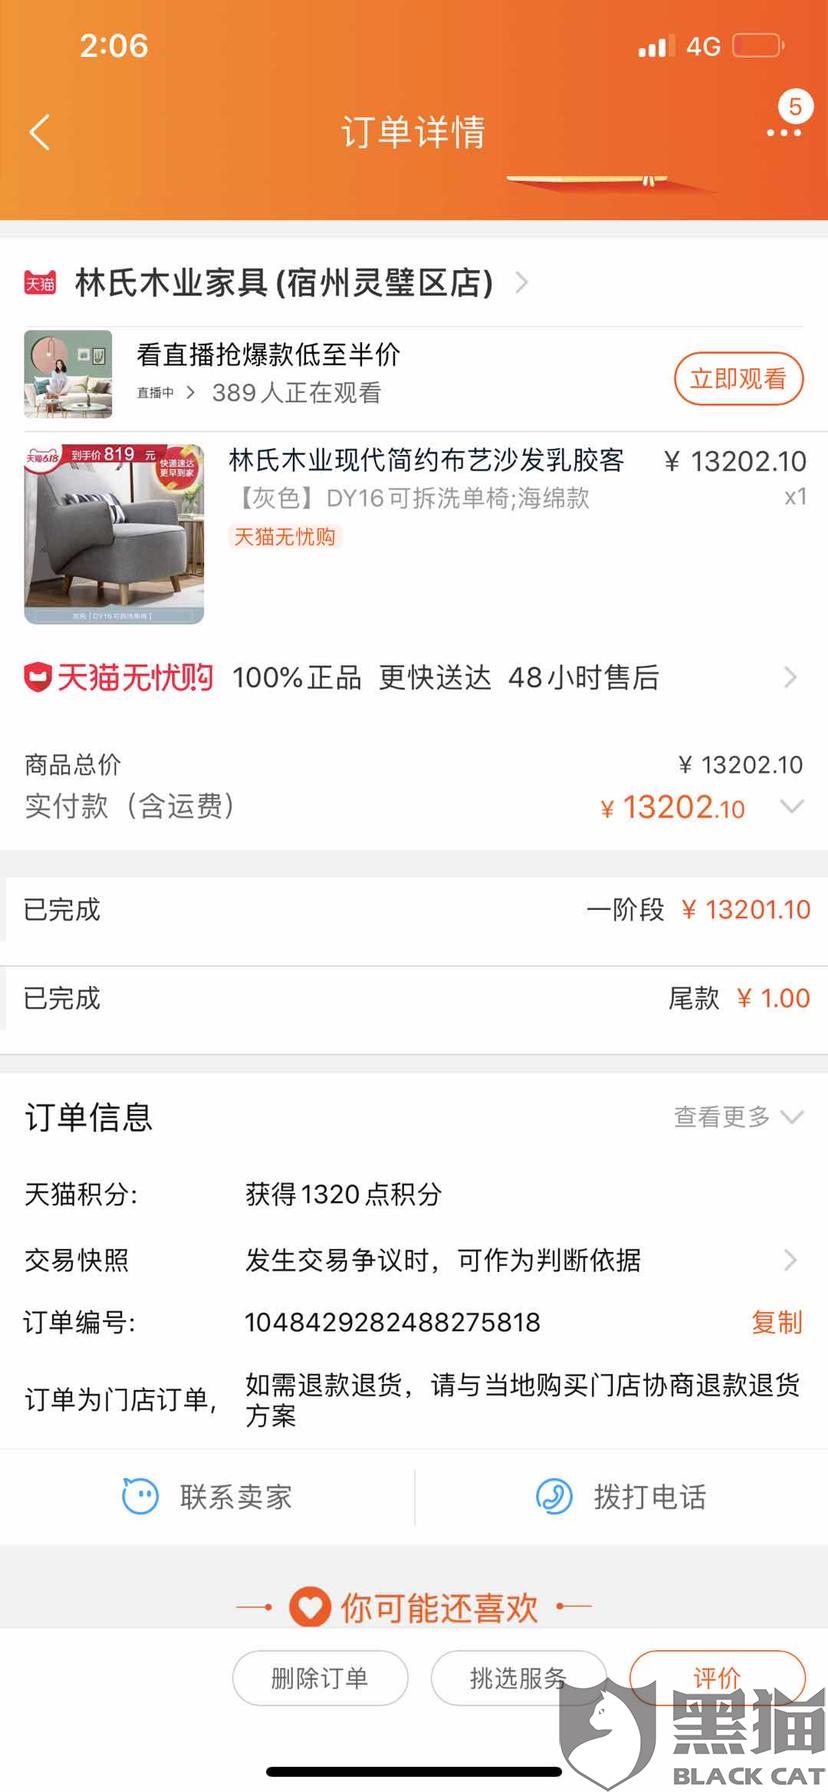 黑猫投诉:投诉林氏木业家具(宿州灵壁区店)